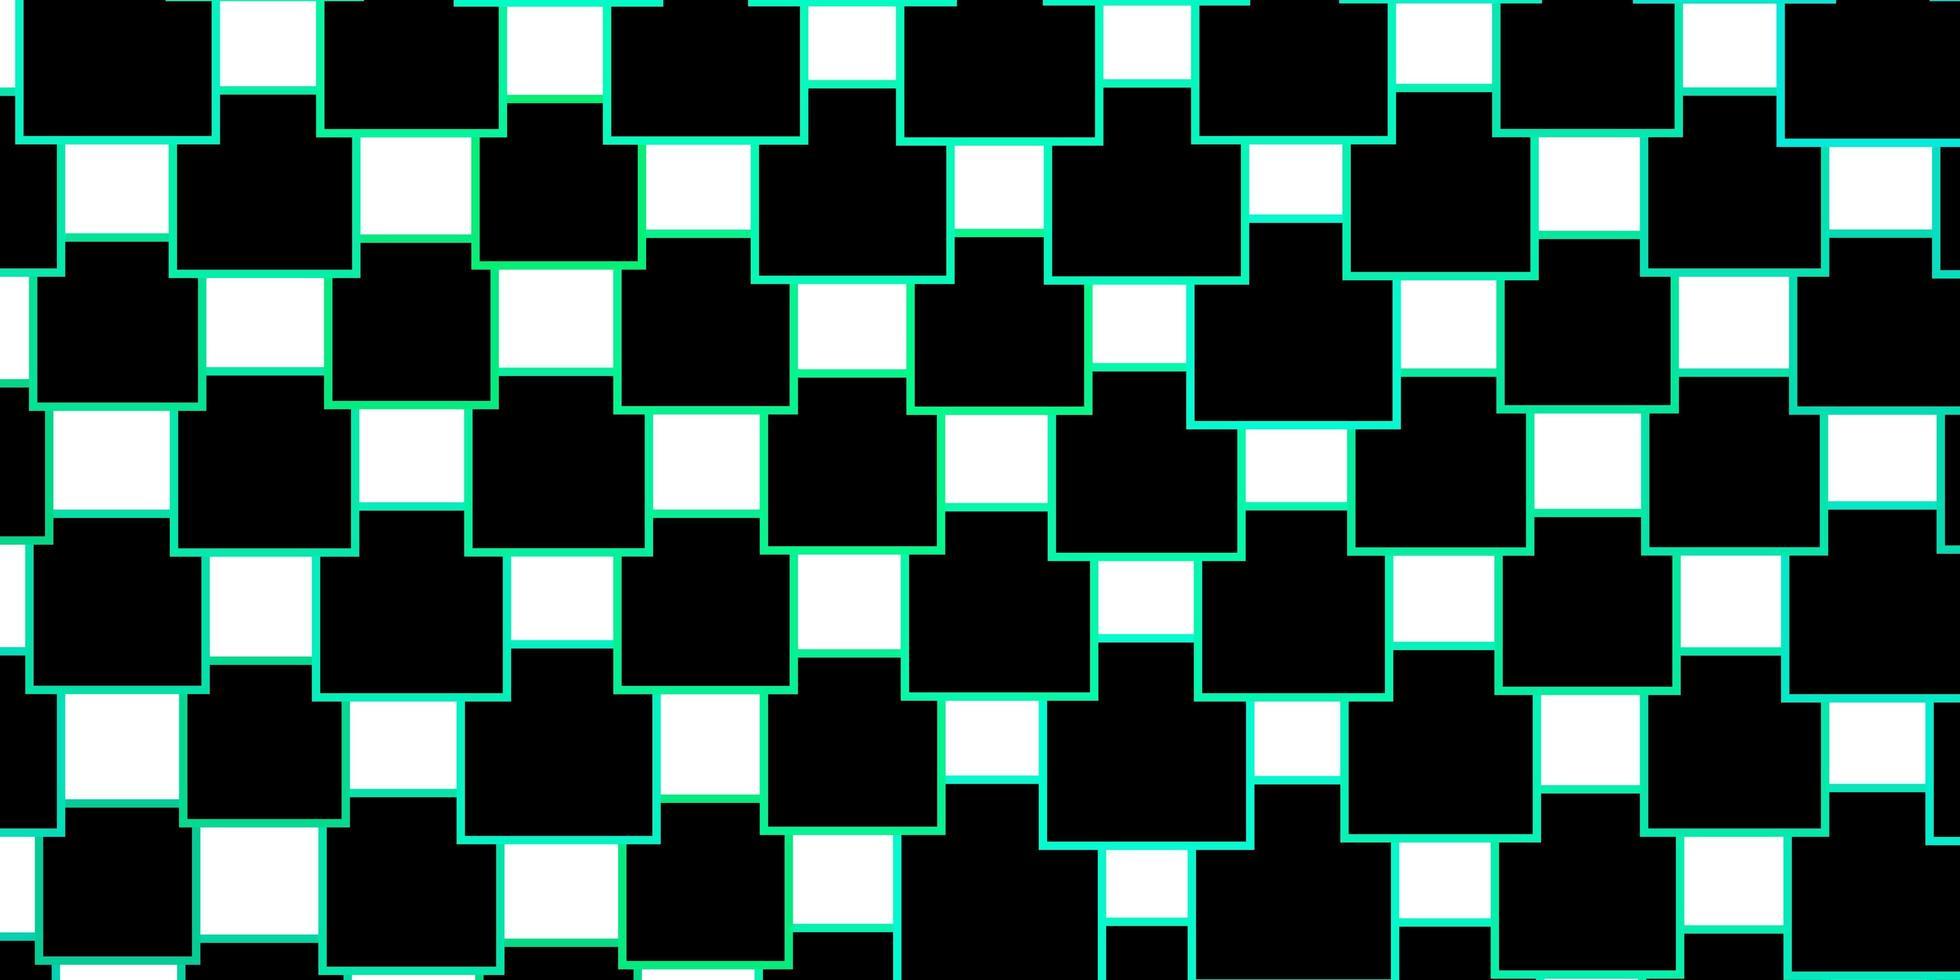 diseño de vector verde claro con líneas, rectángulos.